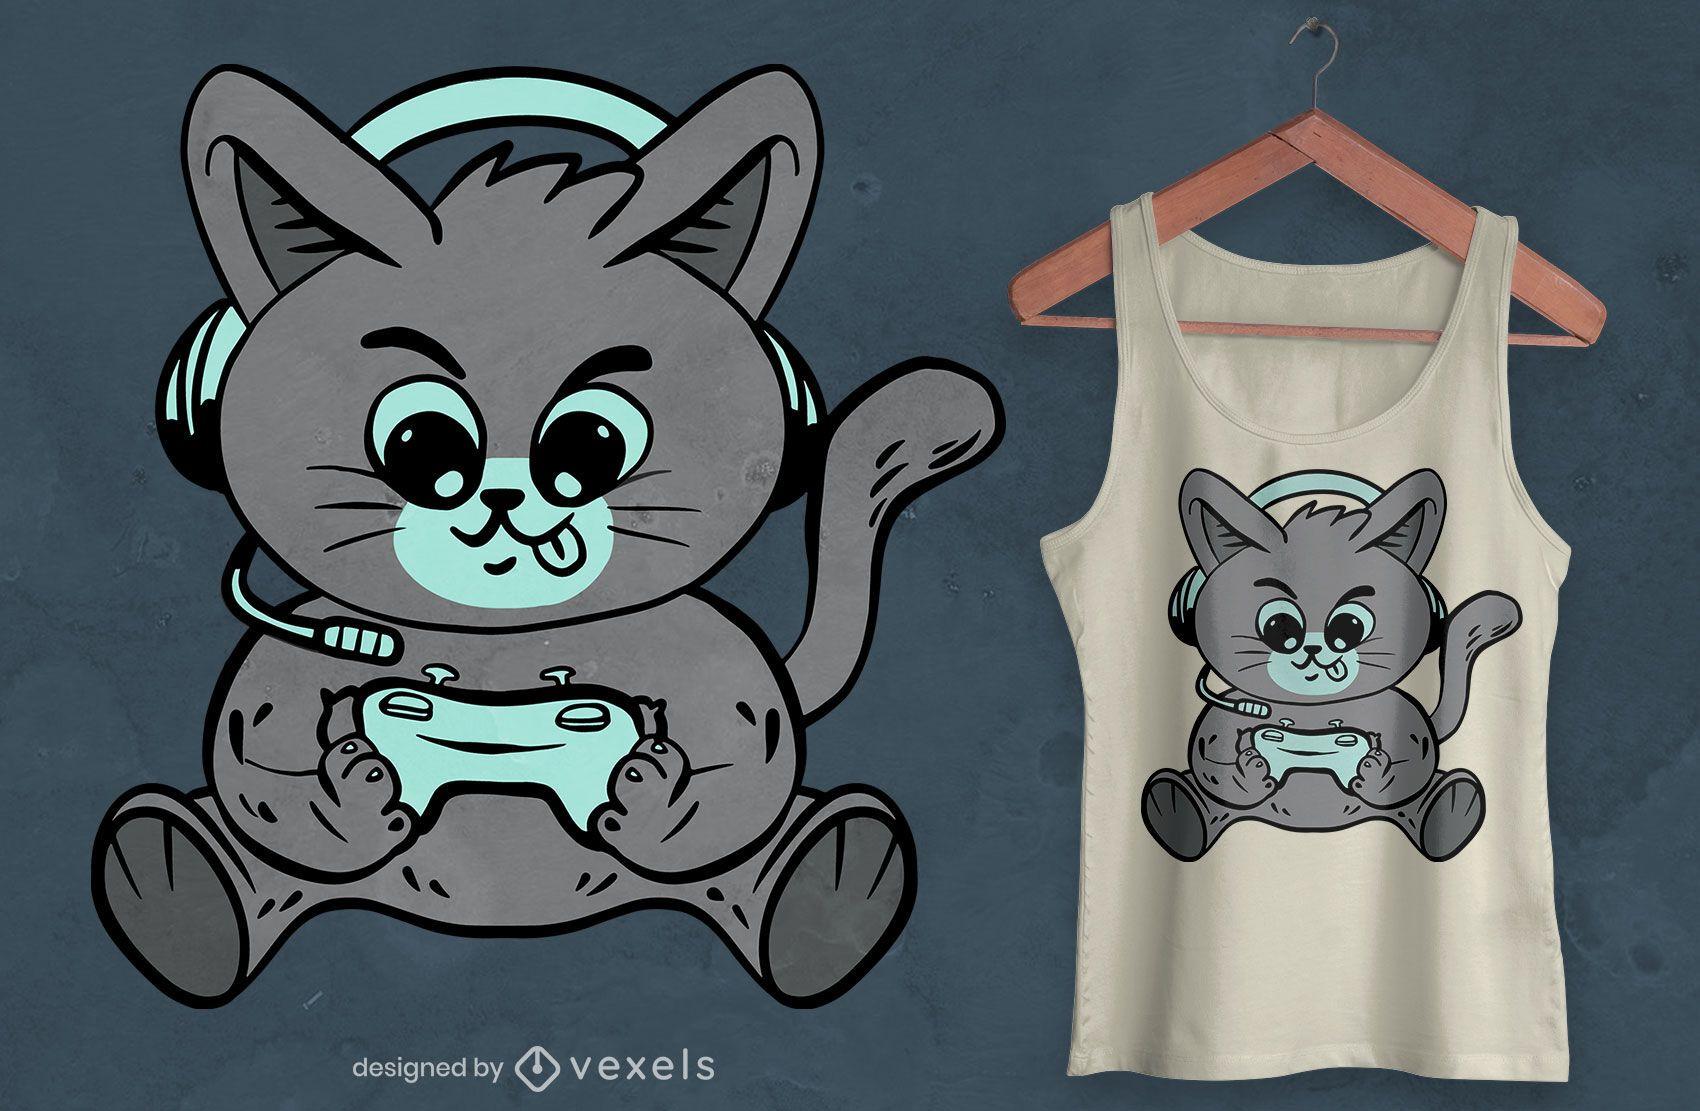 Gaming kitten t-shirt design